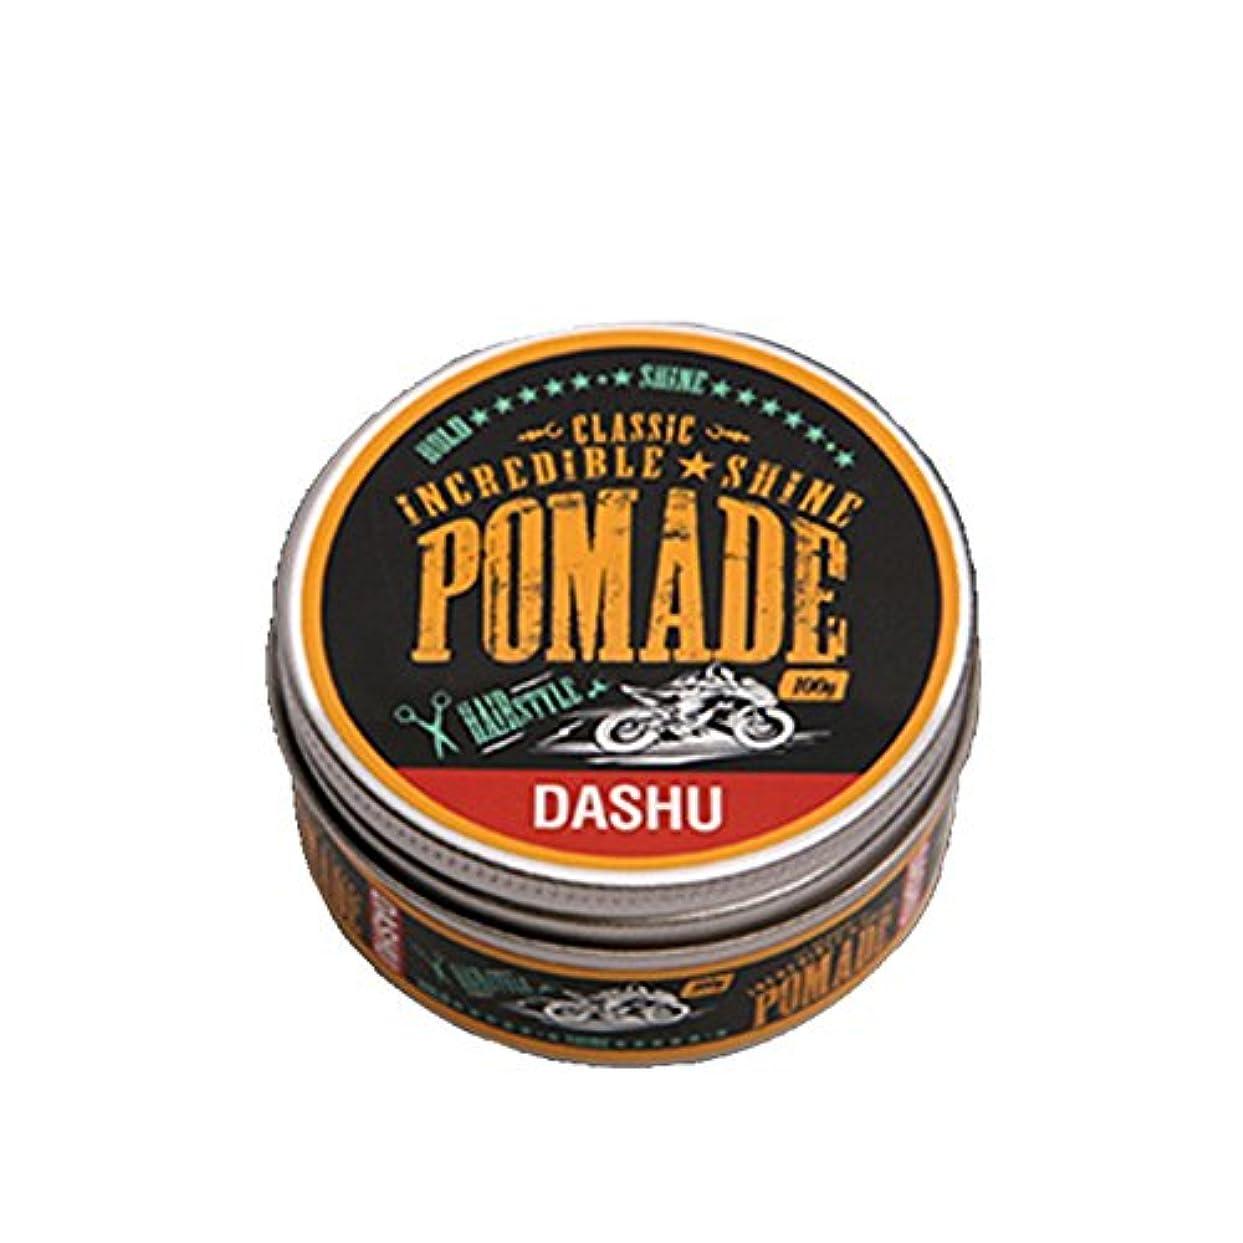 移動ディベート裁判所[DASHU] ダシュ クラシック 信じられないほどの輝き ポマードワックス Classic Incredible Shine Pomade Hair Wax 100ml / 韓国製 . 韓国直送品